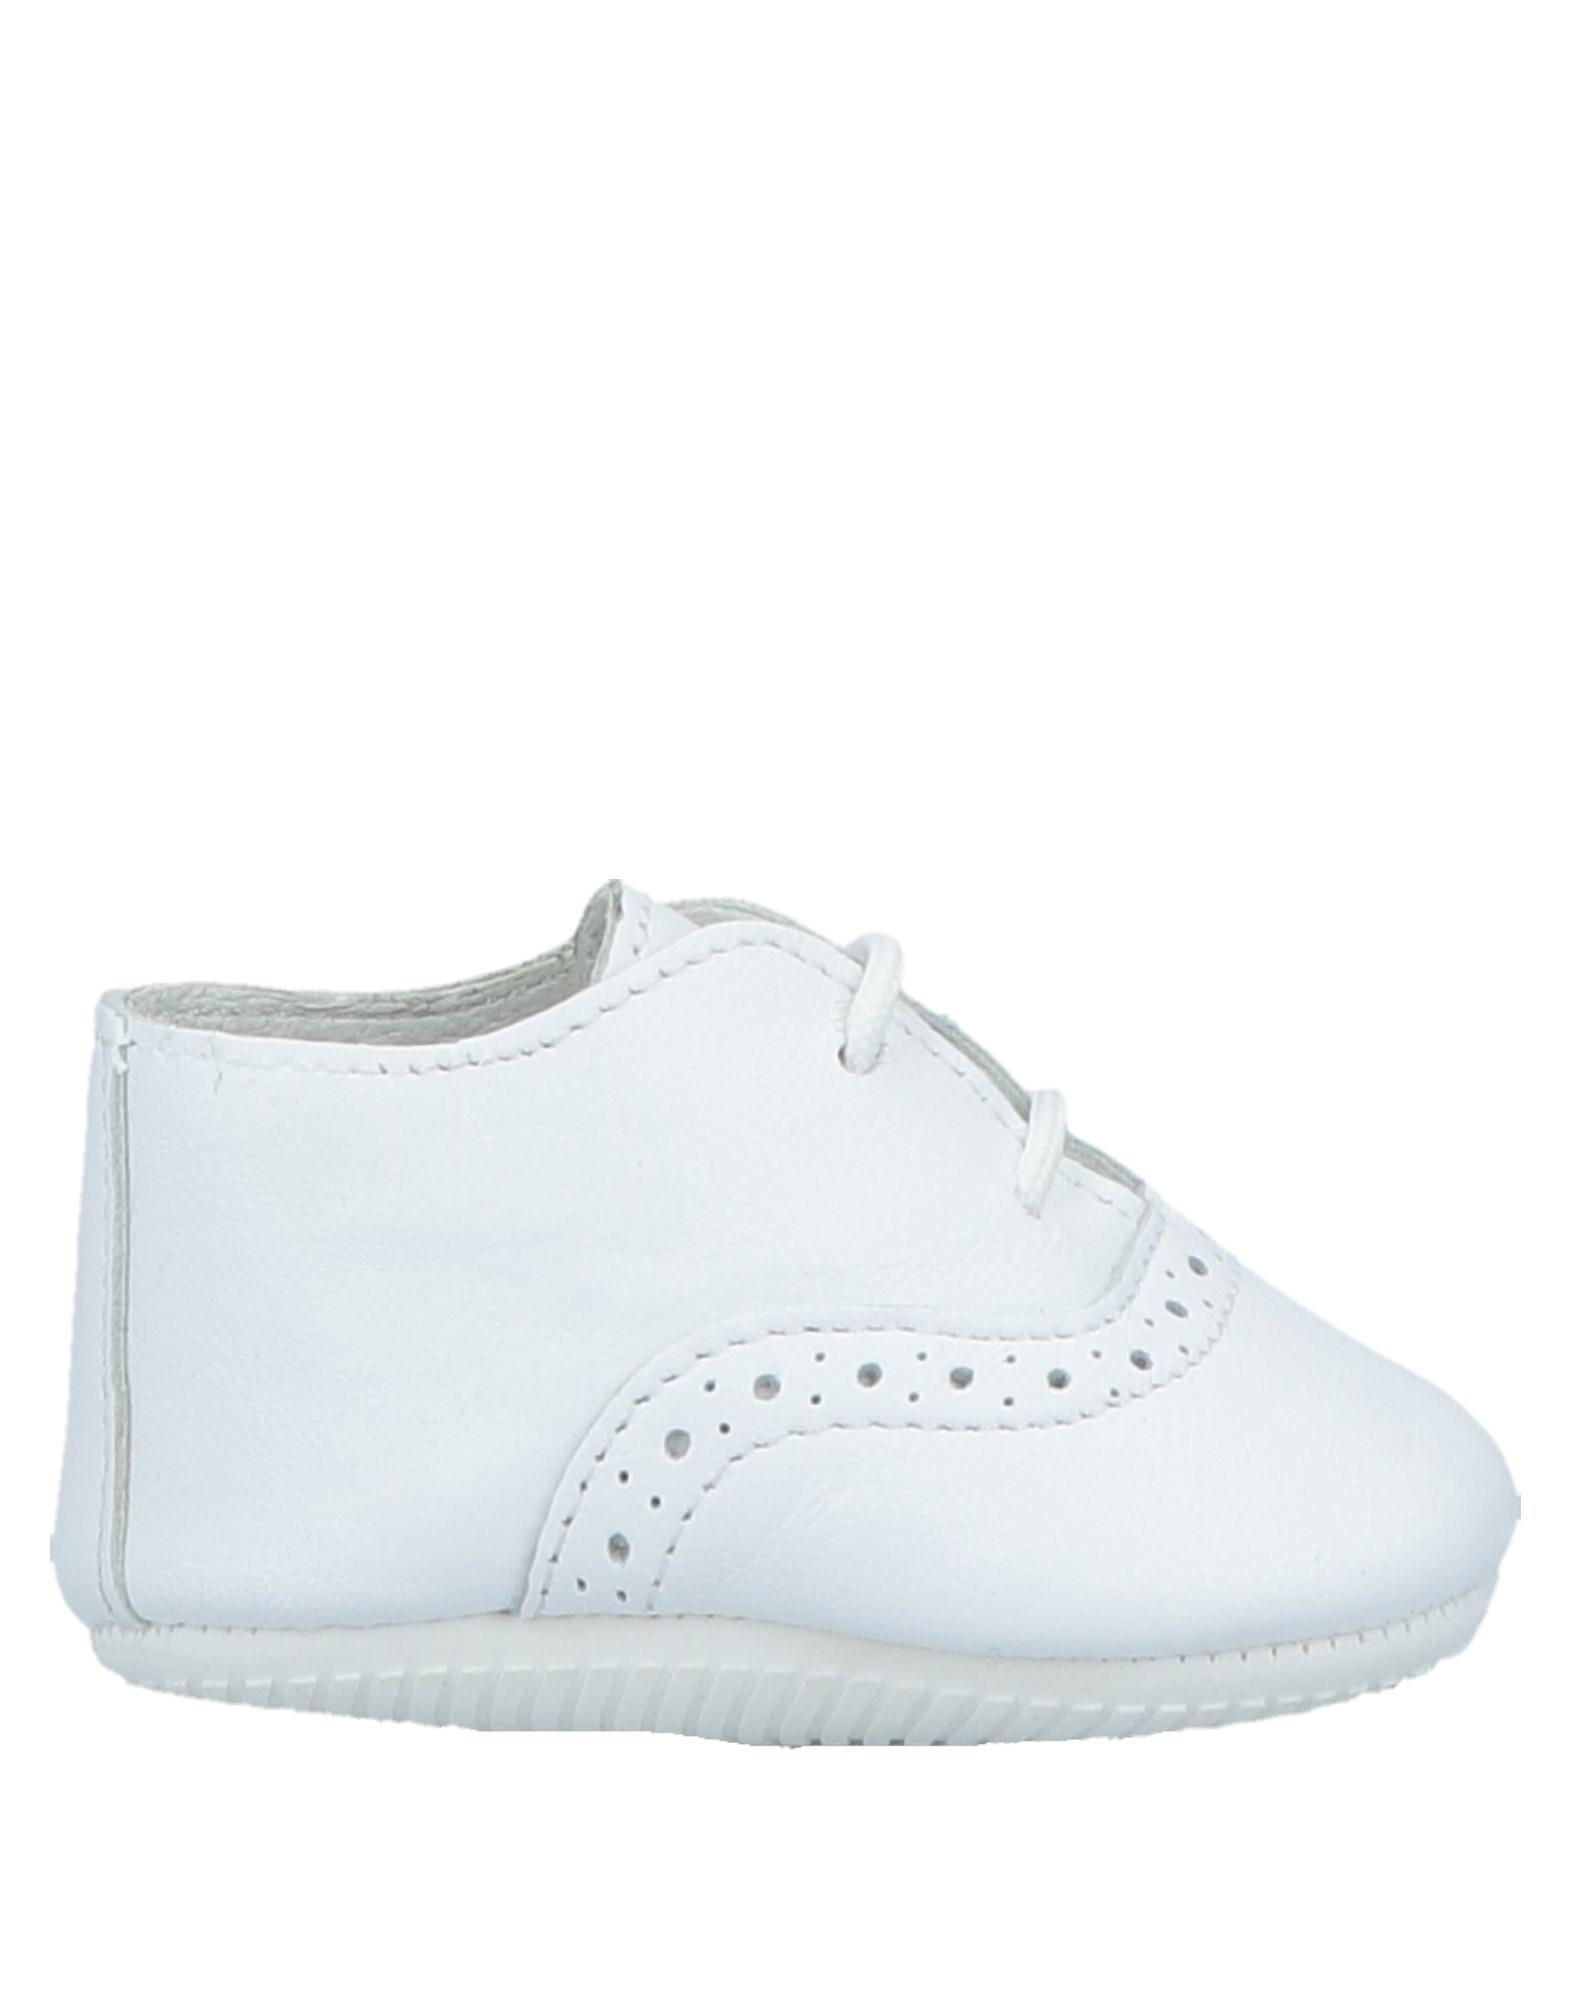 HOGAN Обувь для новорожденных обувь для детей